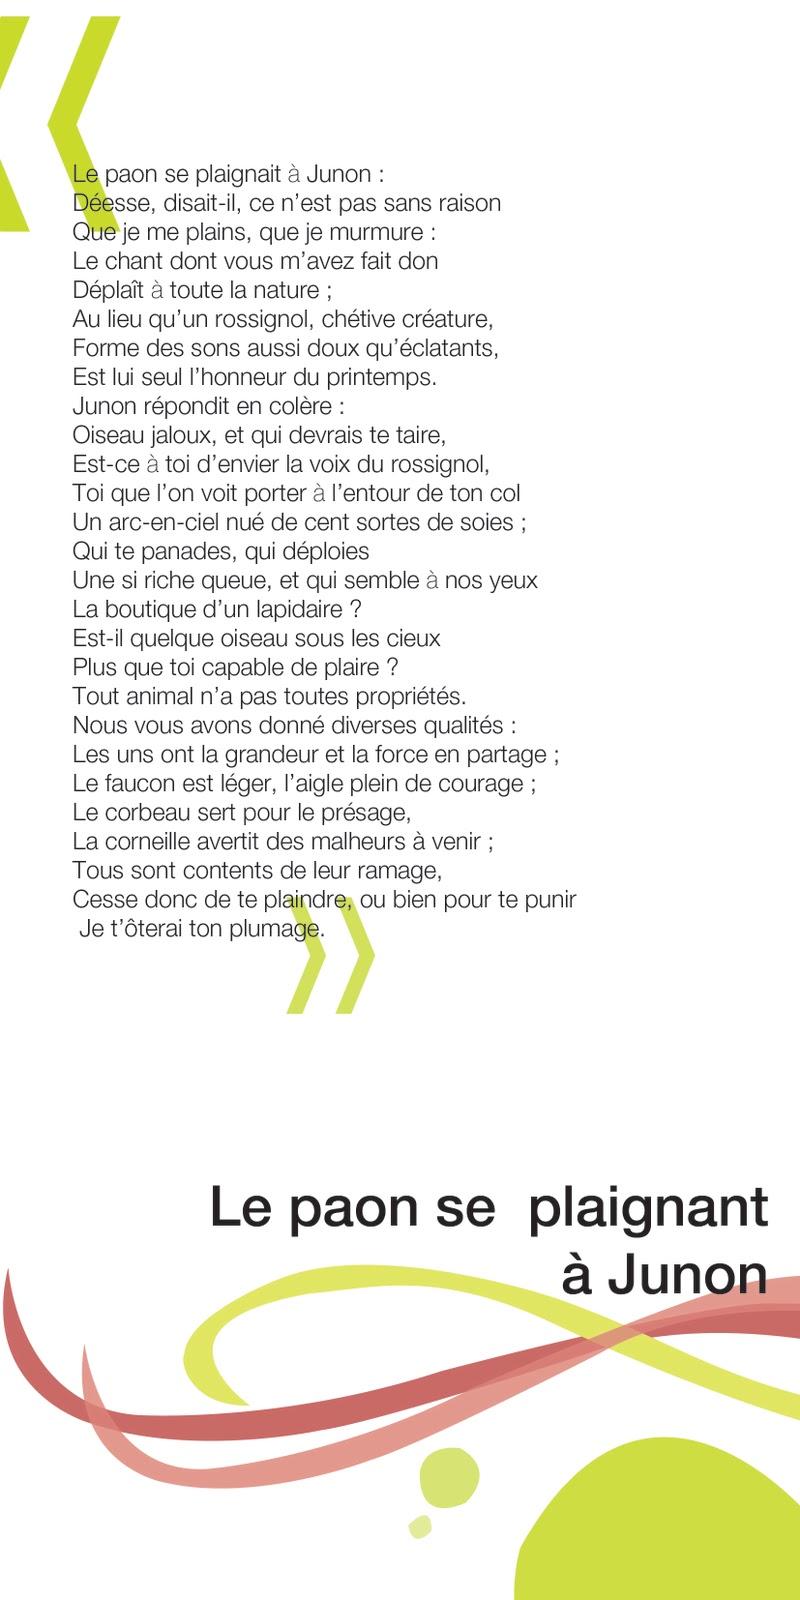 poesie paquerette